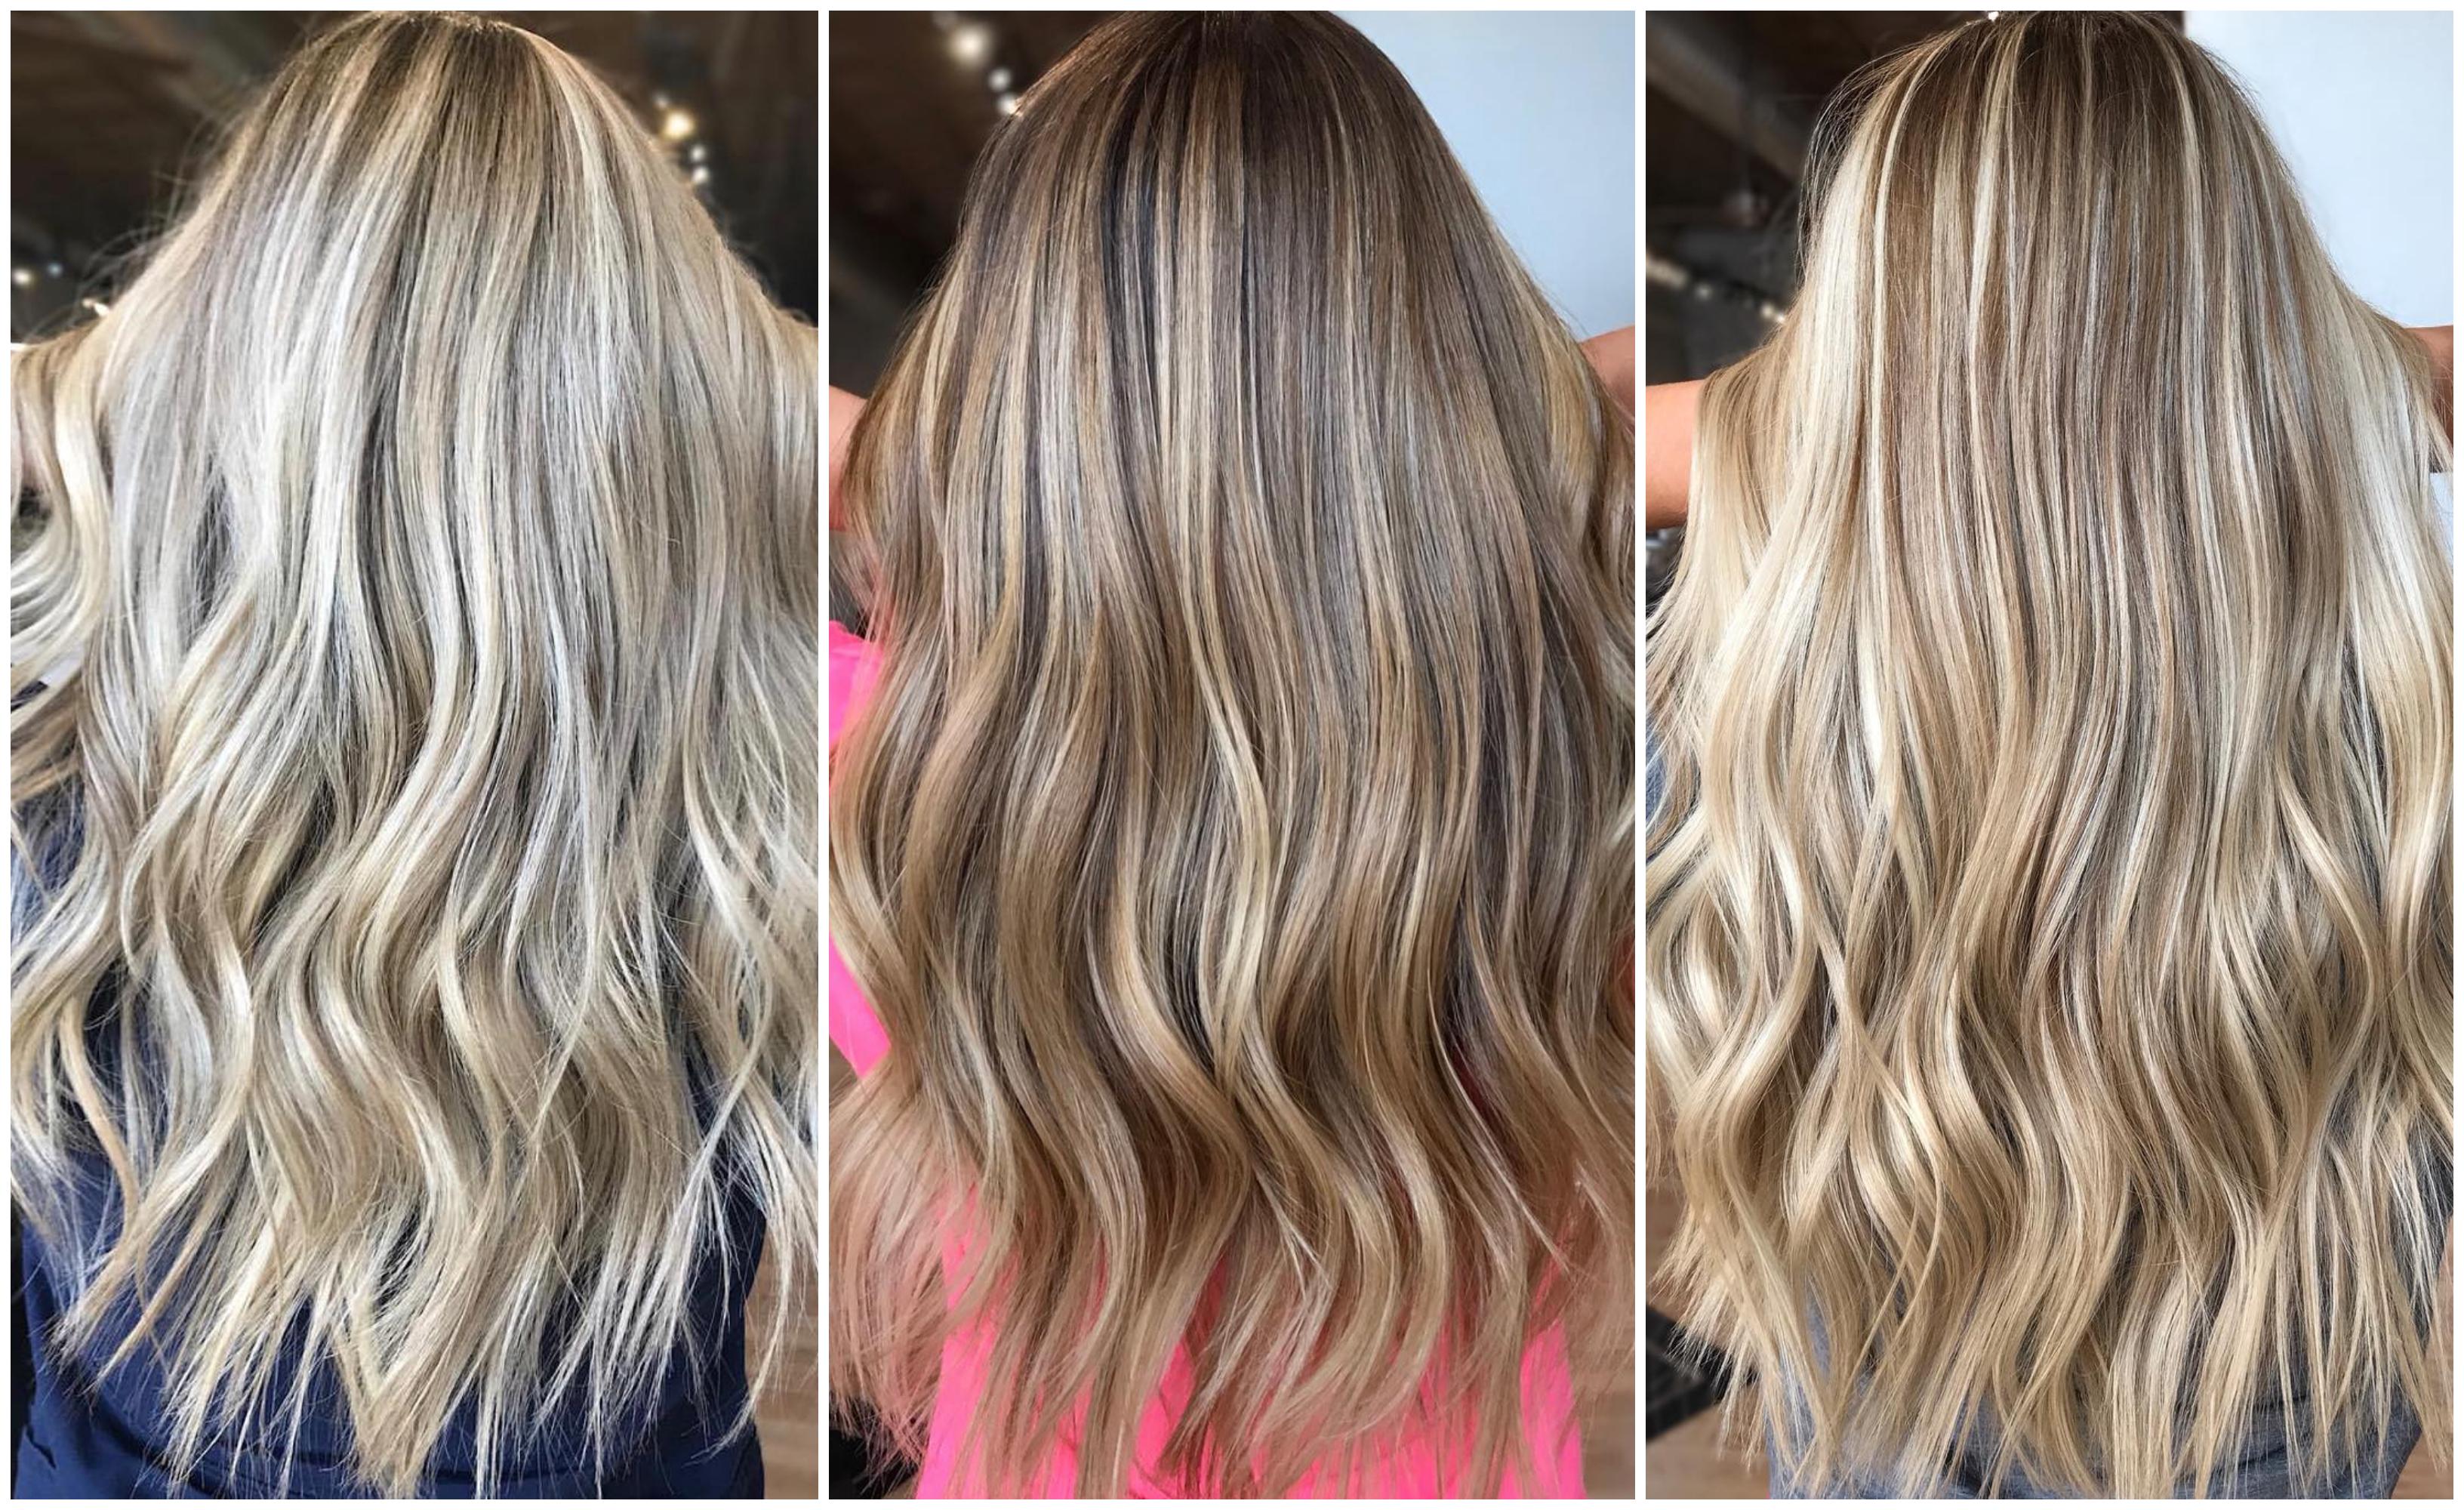 votre technique preferee foilyage couleur cheveux